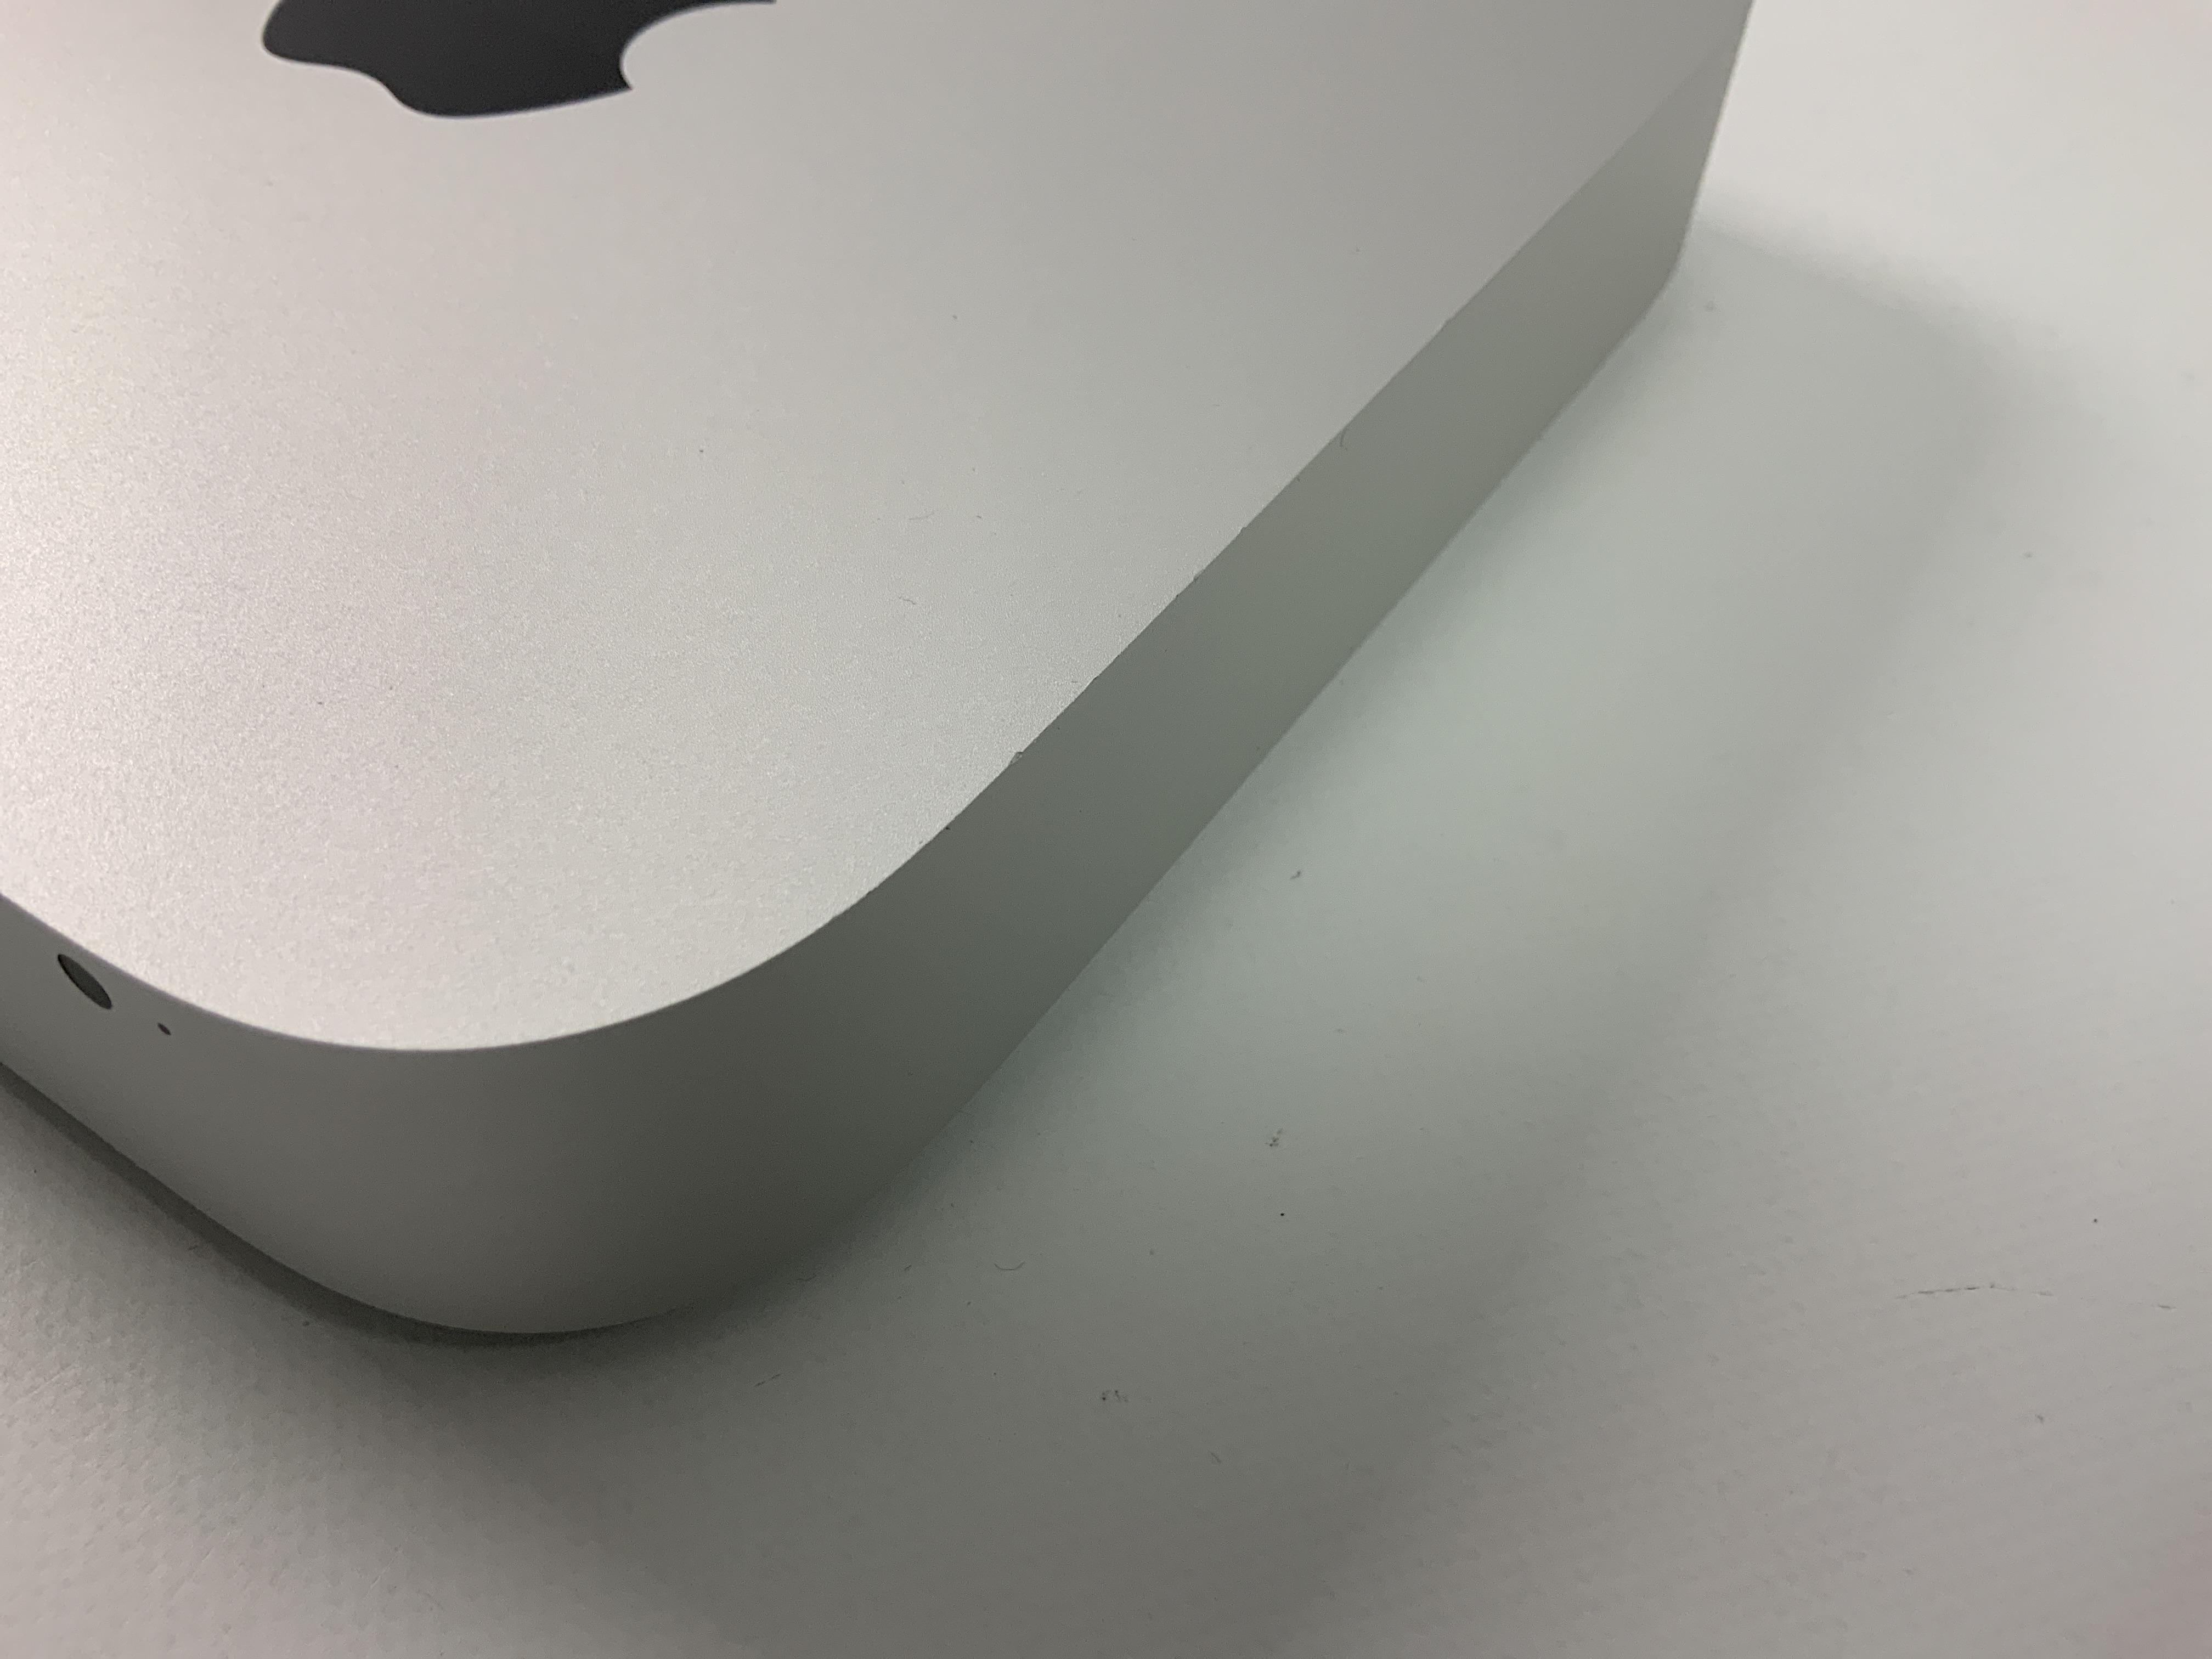 Mac Mini Late 2014 (Intel Core i7 3.0 GHz 16 GB RAM 1 TB SSD), Intel Core i7 3.0 GHz, 16 GB RAM, 1 TB SSD, imagen 3